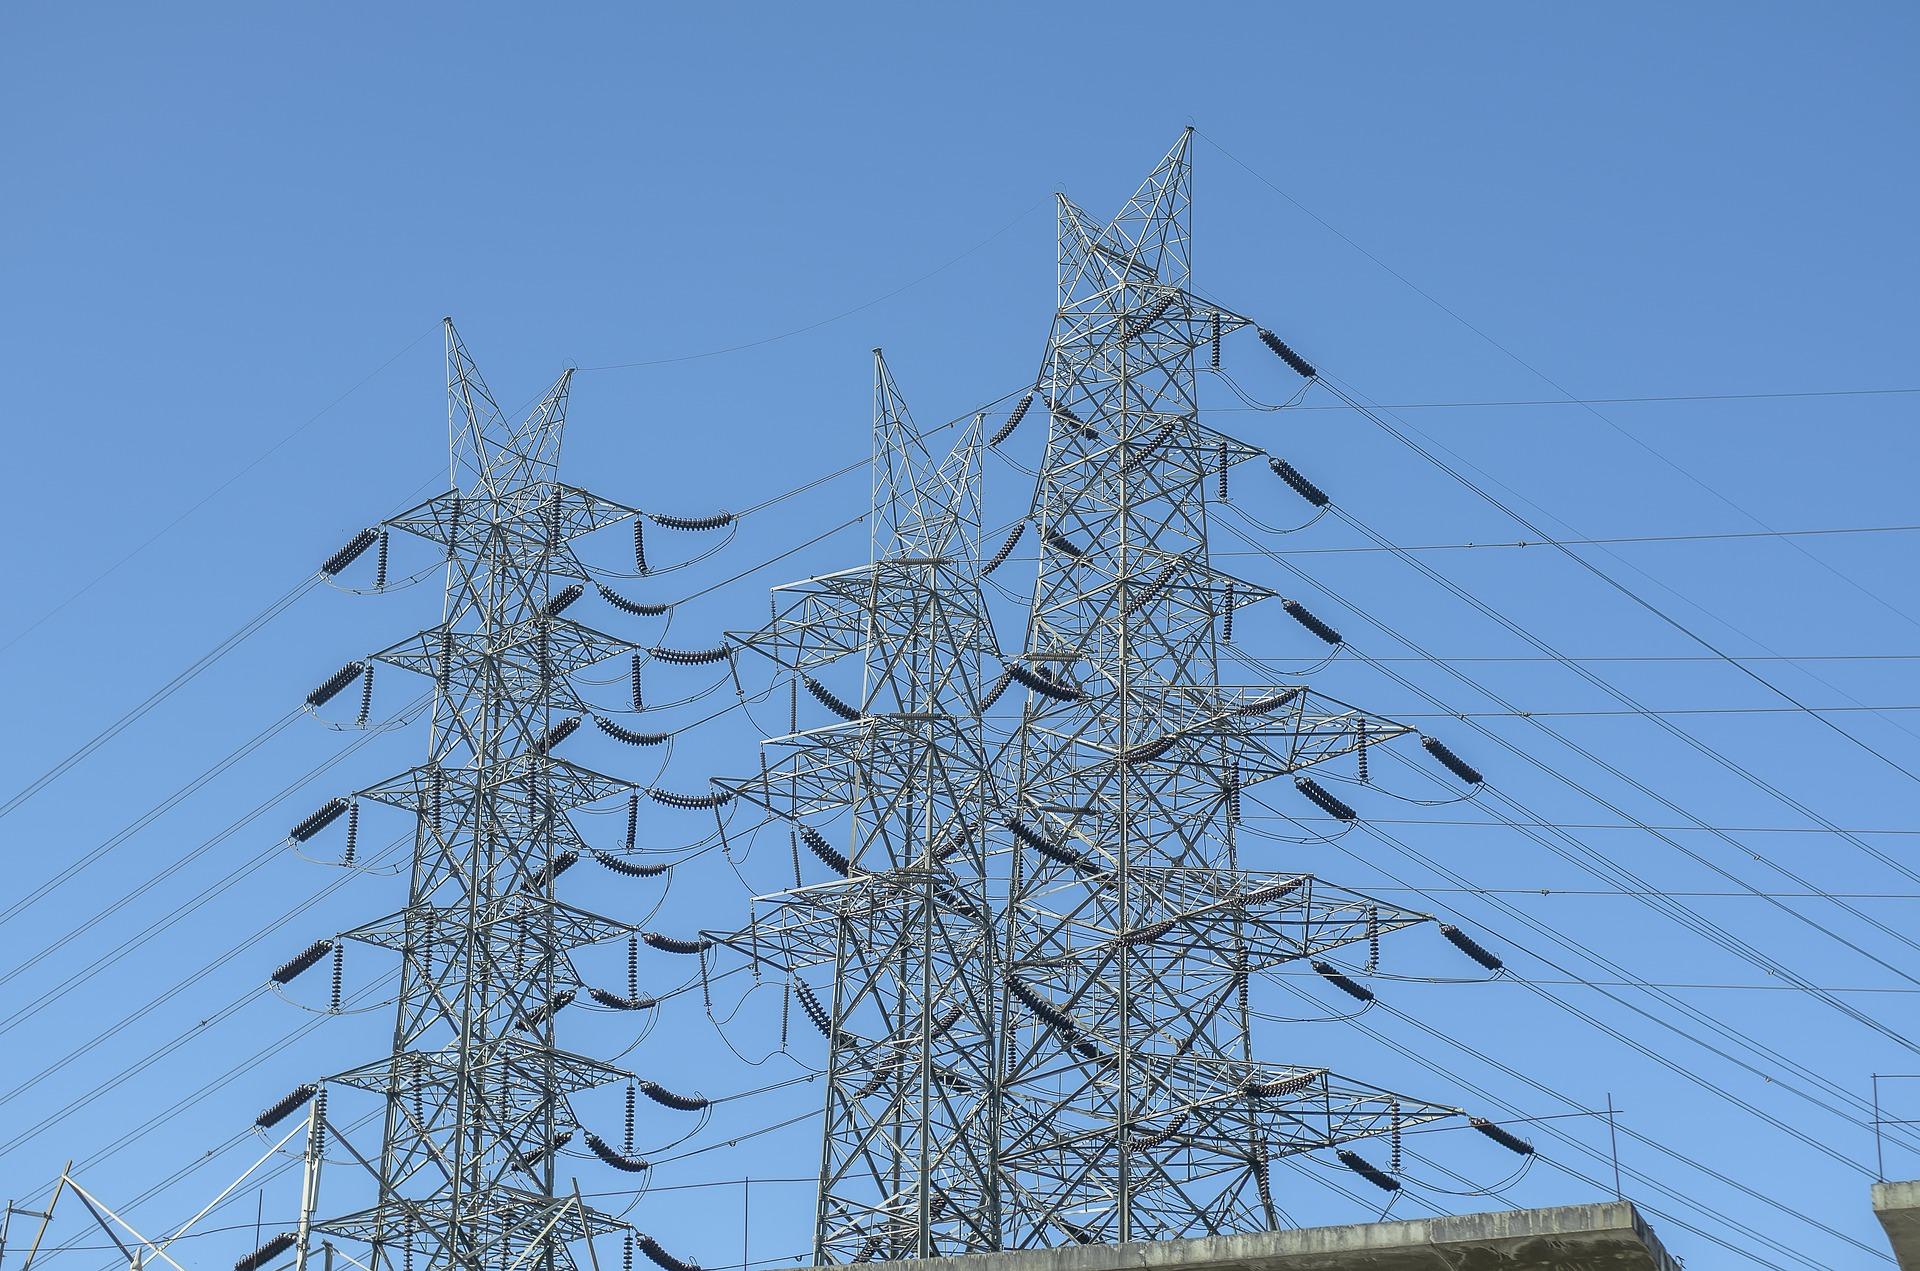 Notre réseau électrique n'est pas à l'abri d'une éruption solaire